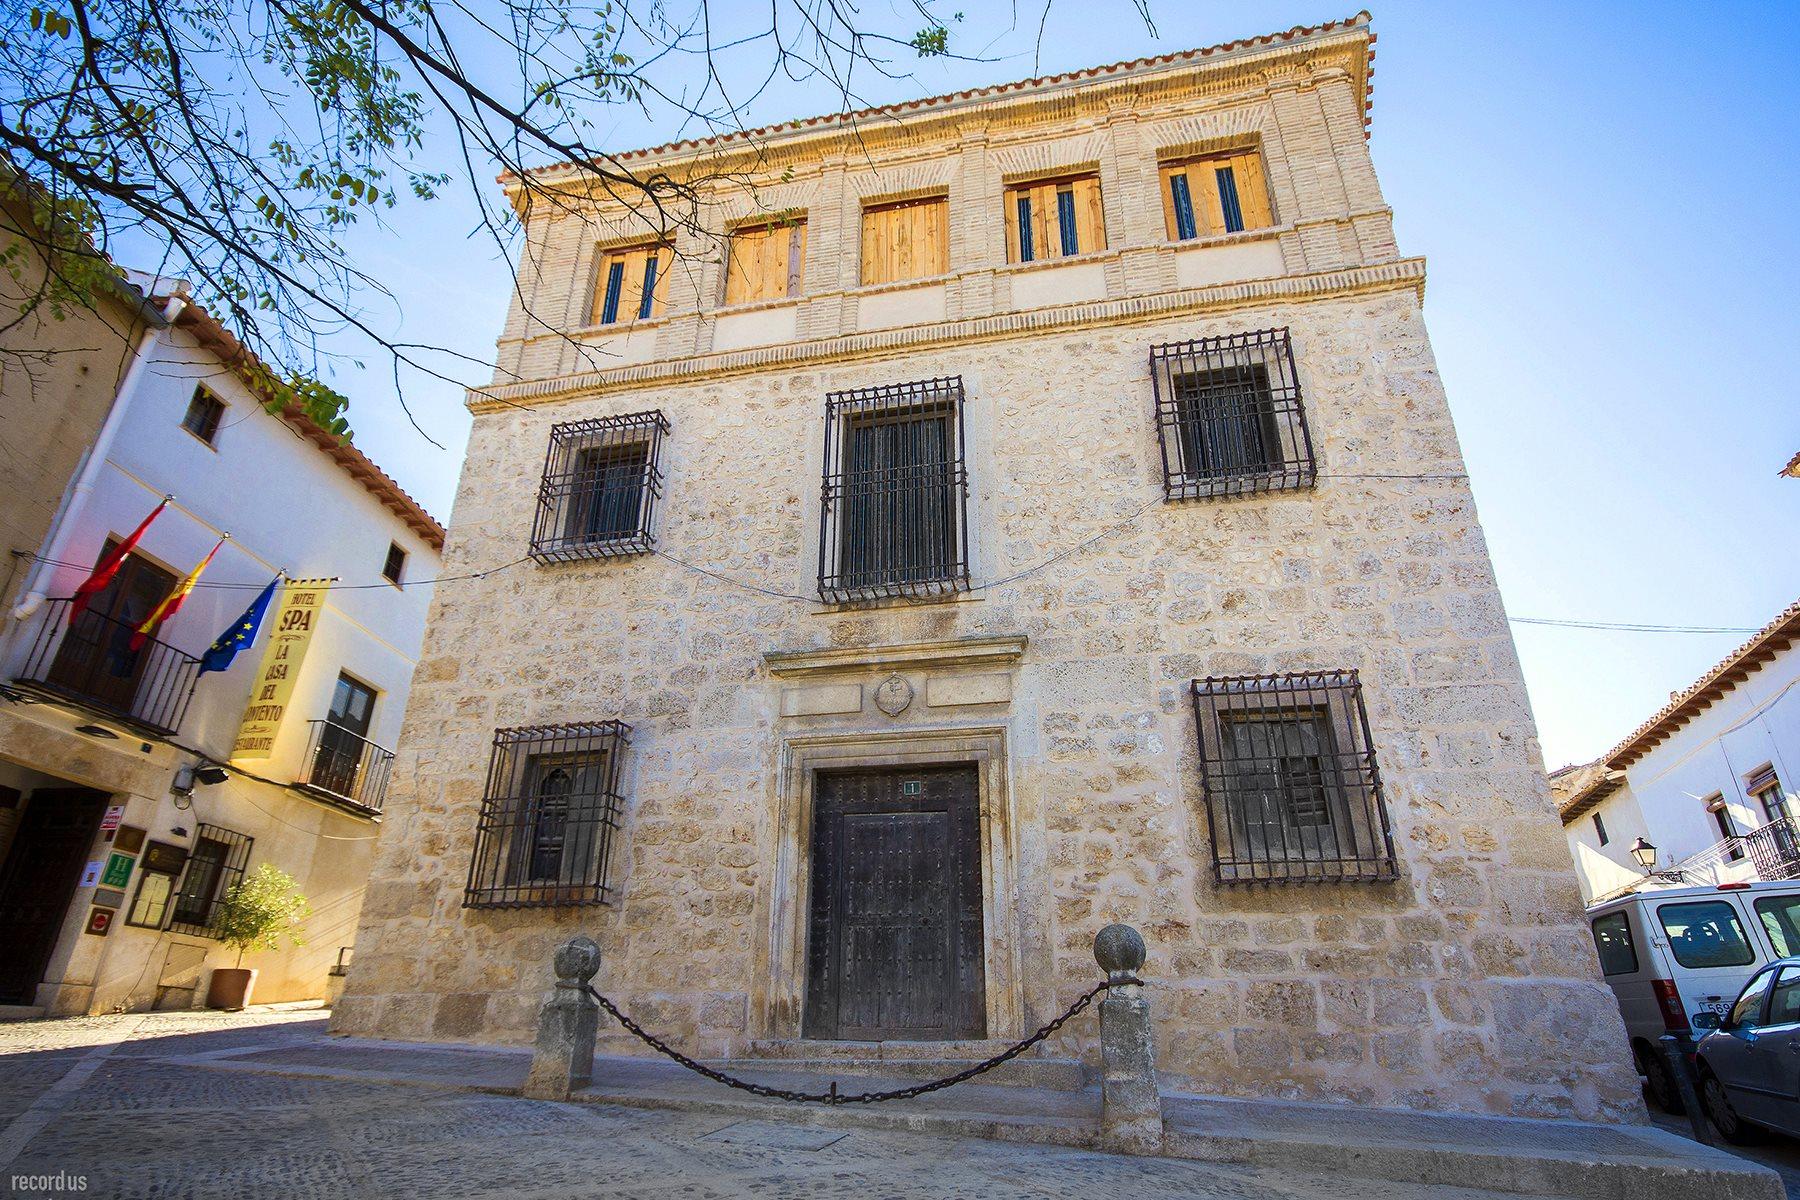 Rehabilitan la casa de la cadena donde pernoct felipe v en 1706 - Casa de la cadena ...